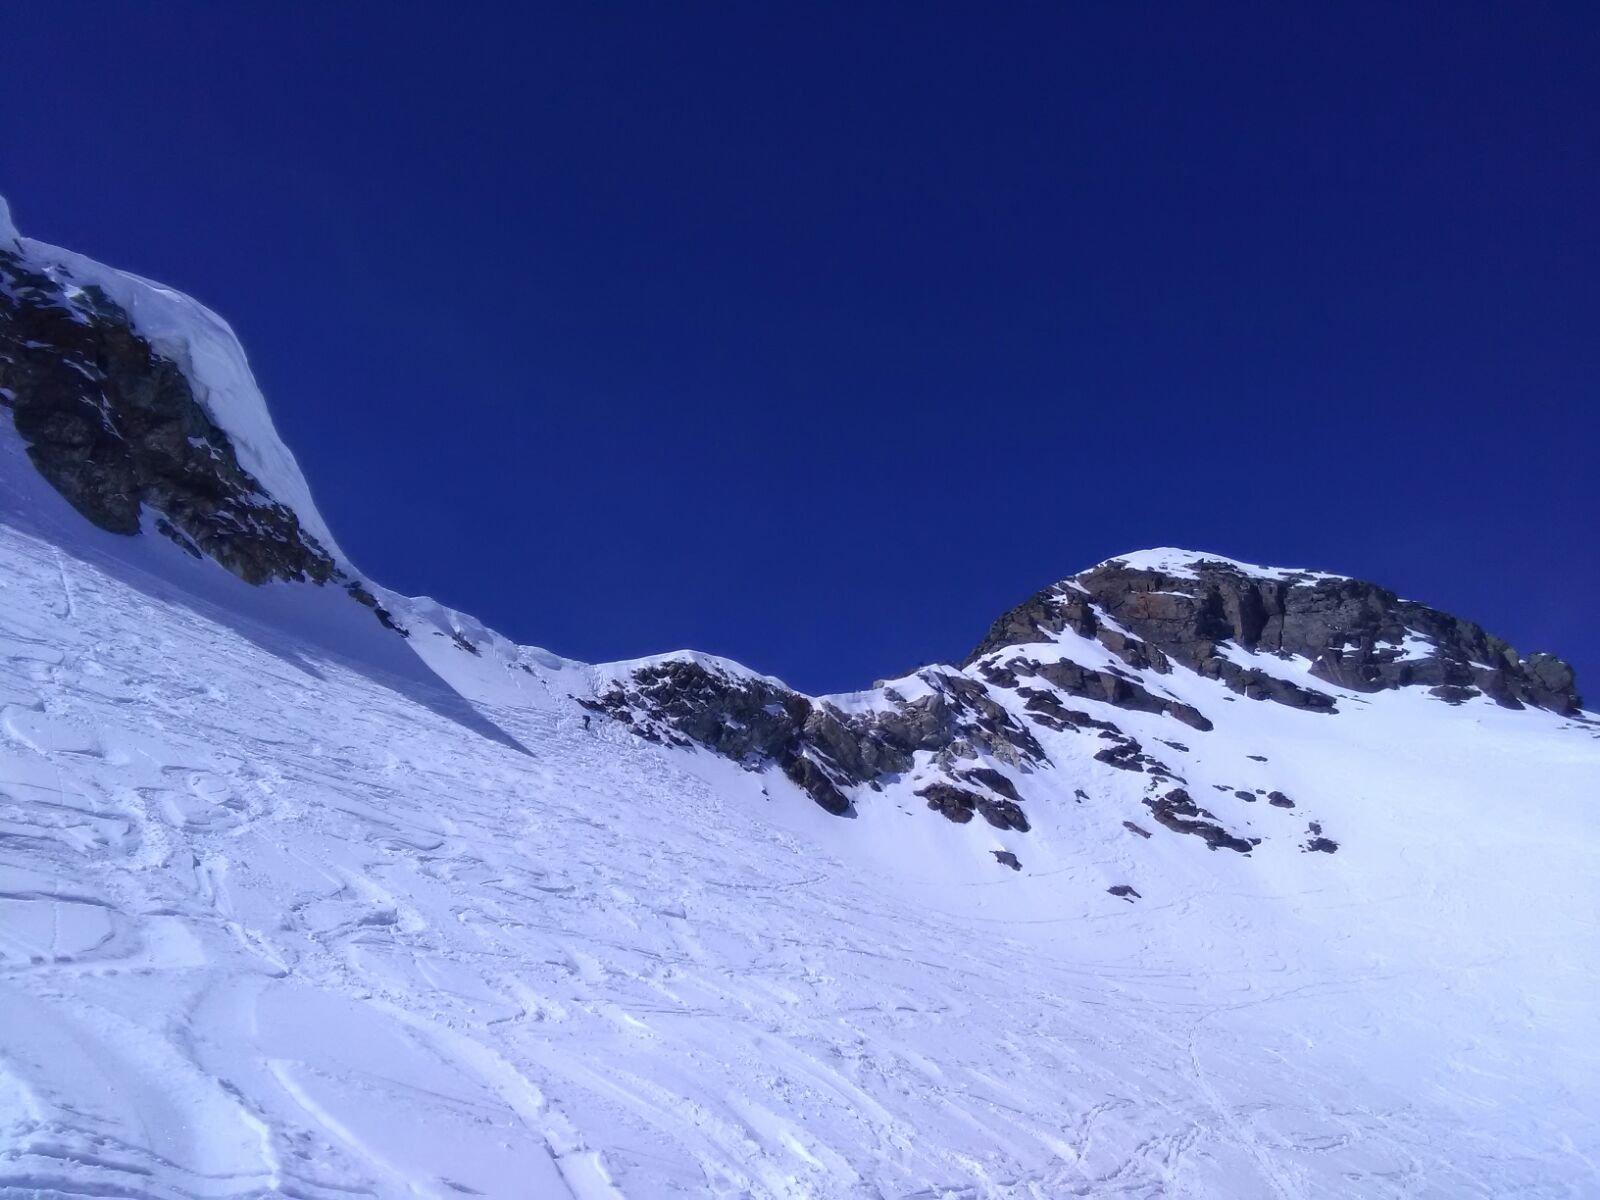 Ulitmi sforzi per arrivare al deposito sci. Si vedo lo scivolo di neve e a dx la cresta da percorre con i ramponi